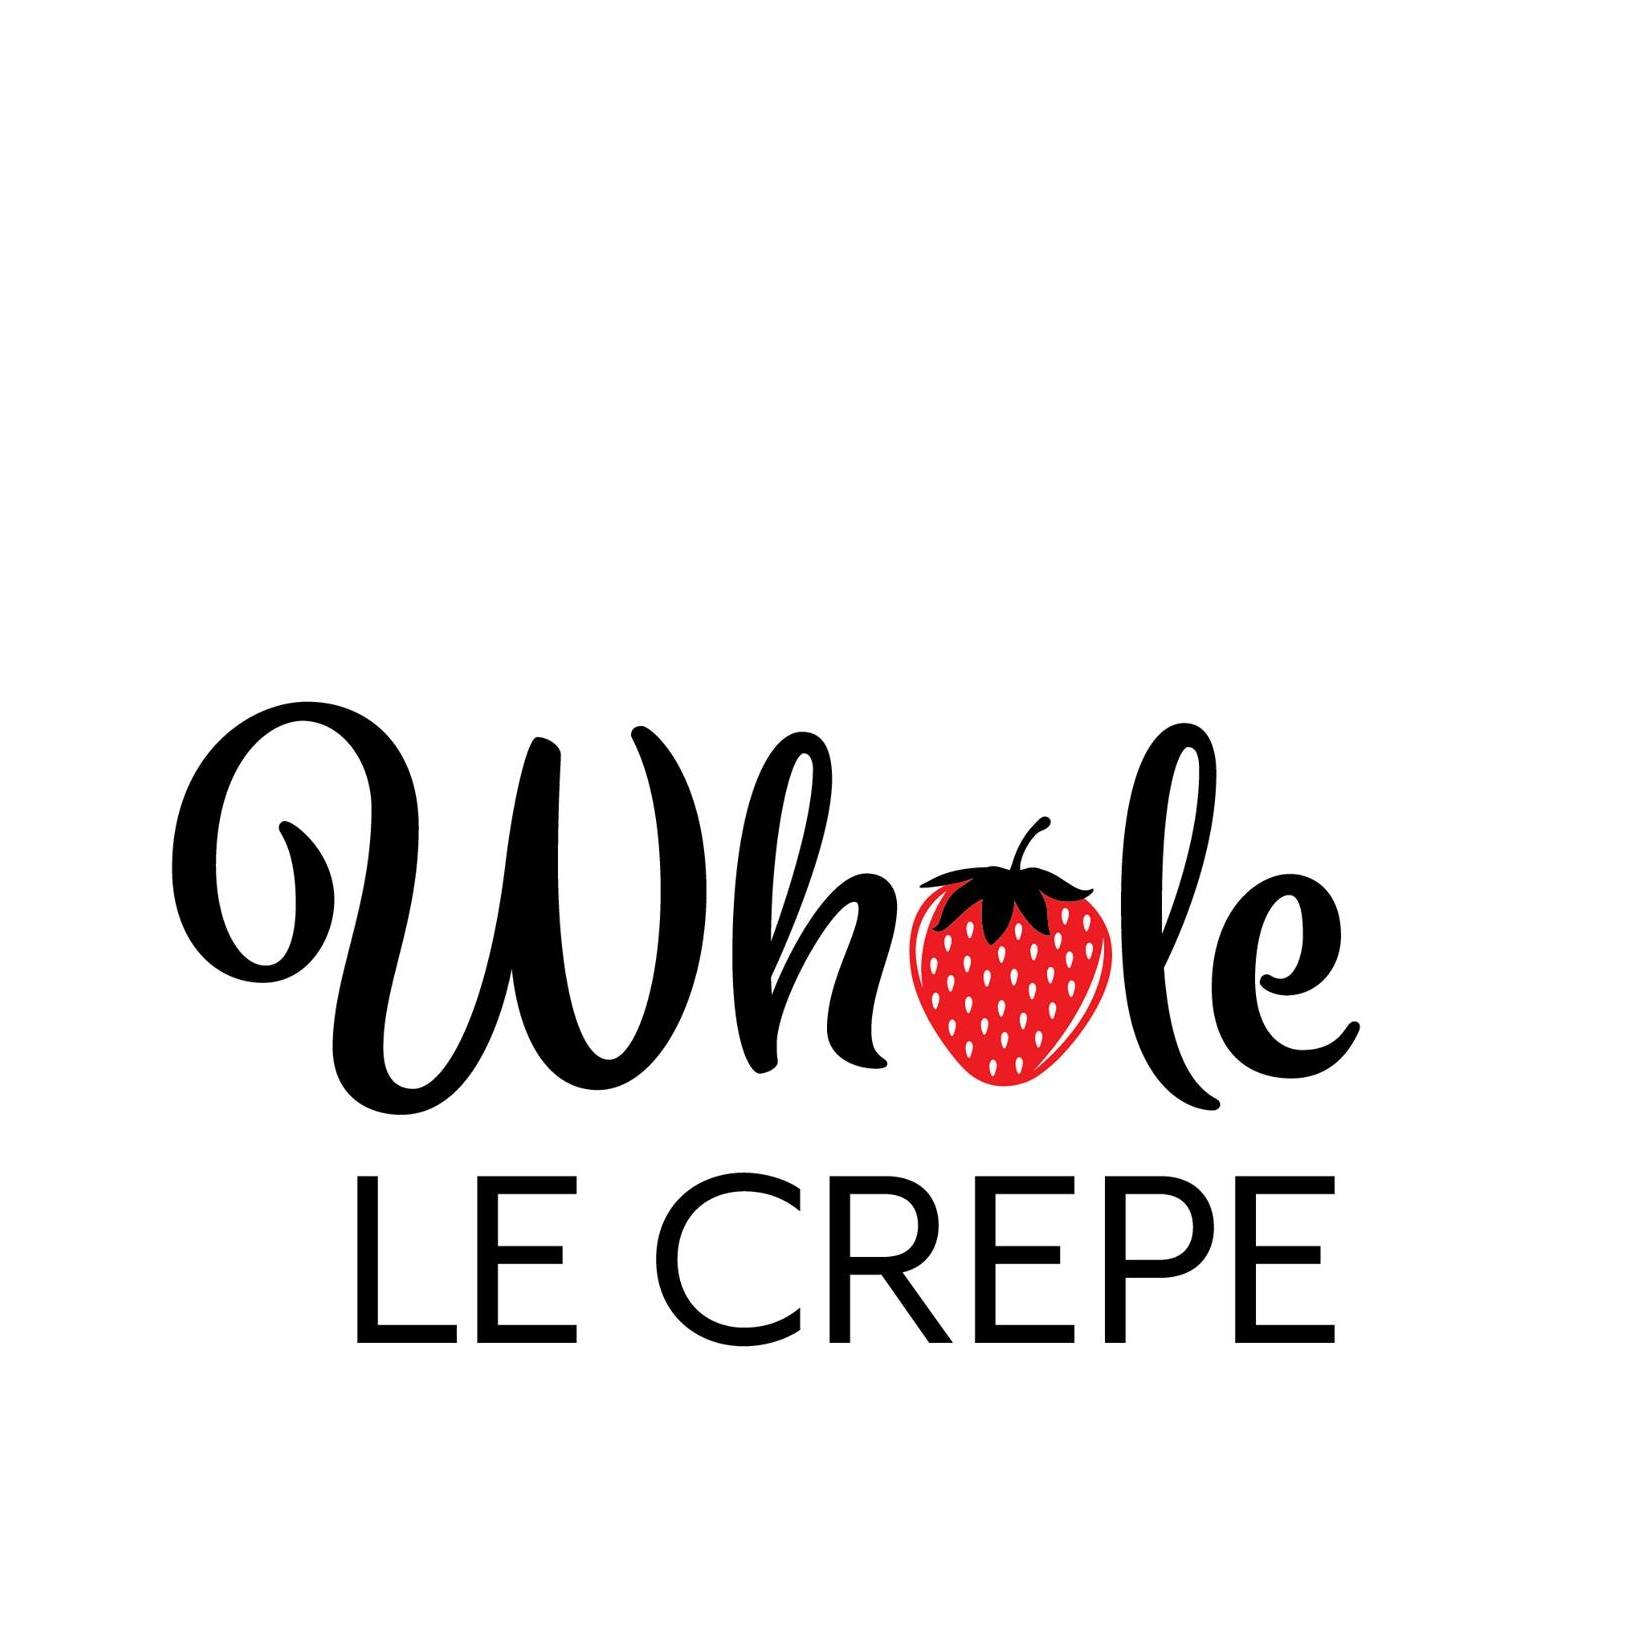 Whole Le Crepe - Whole Le Crepe